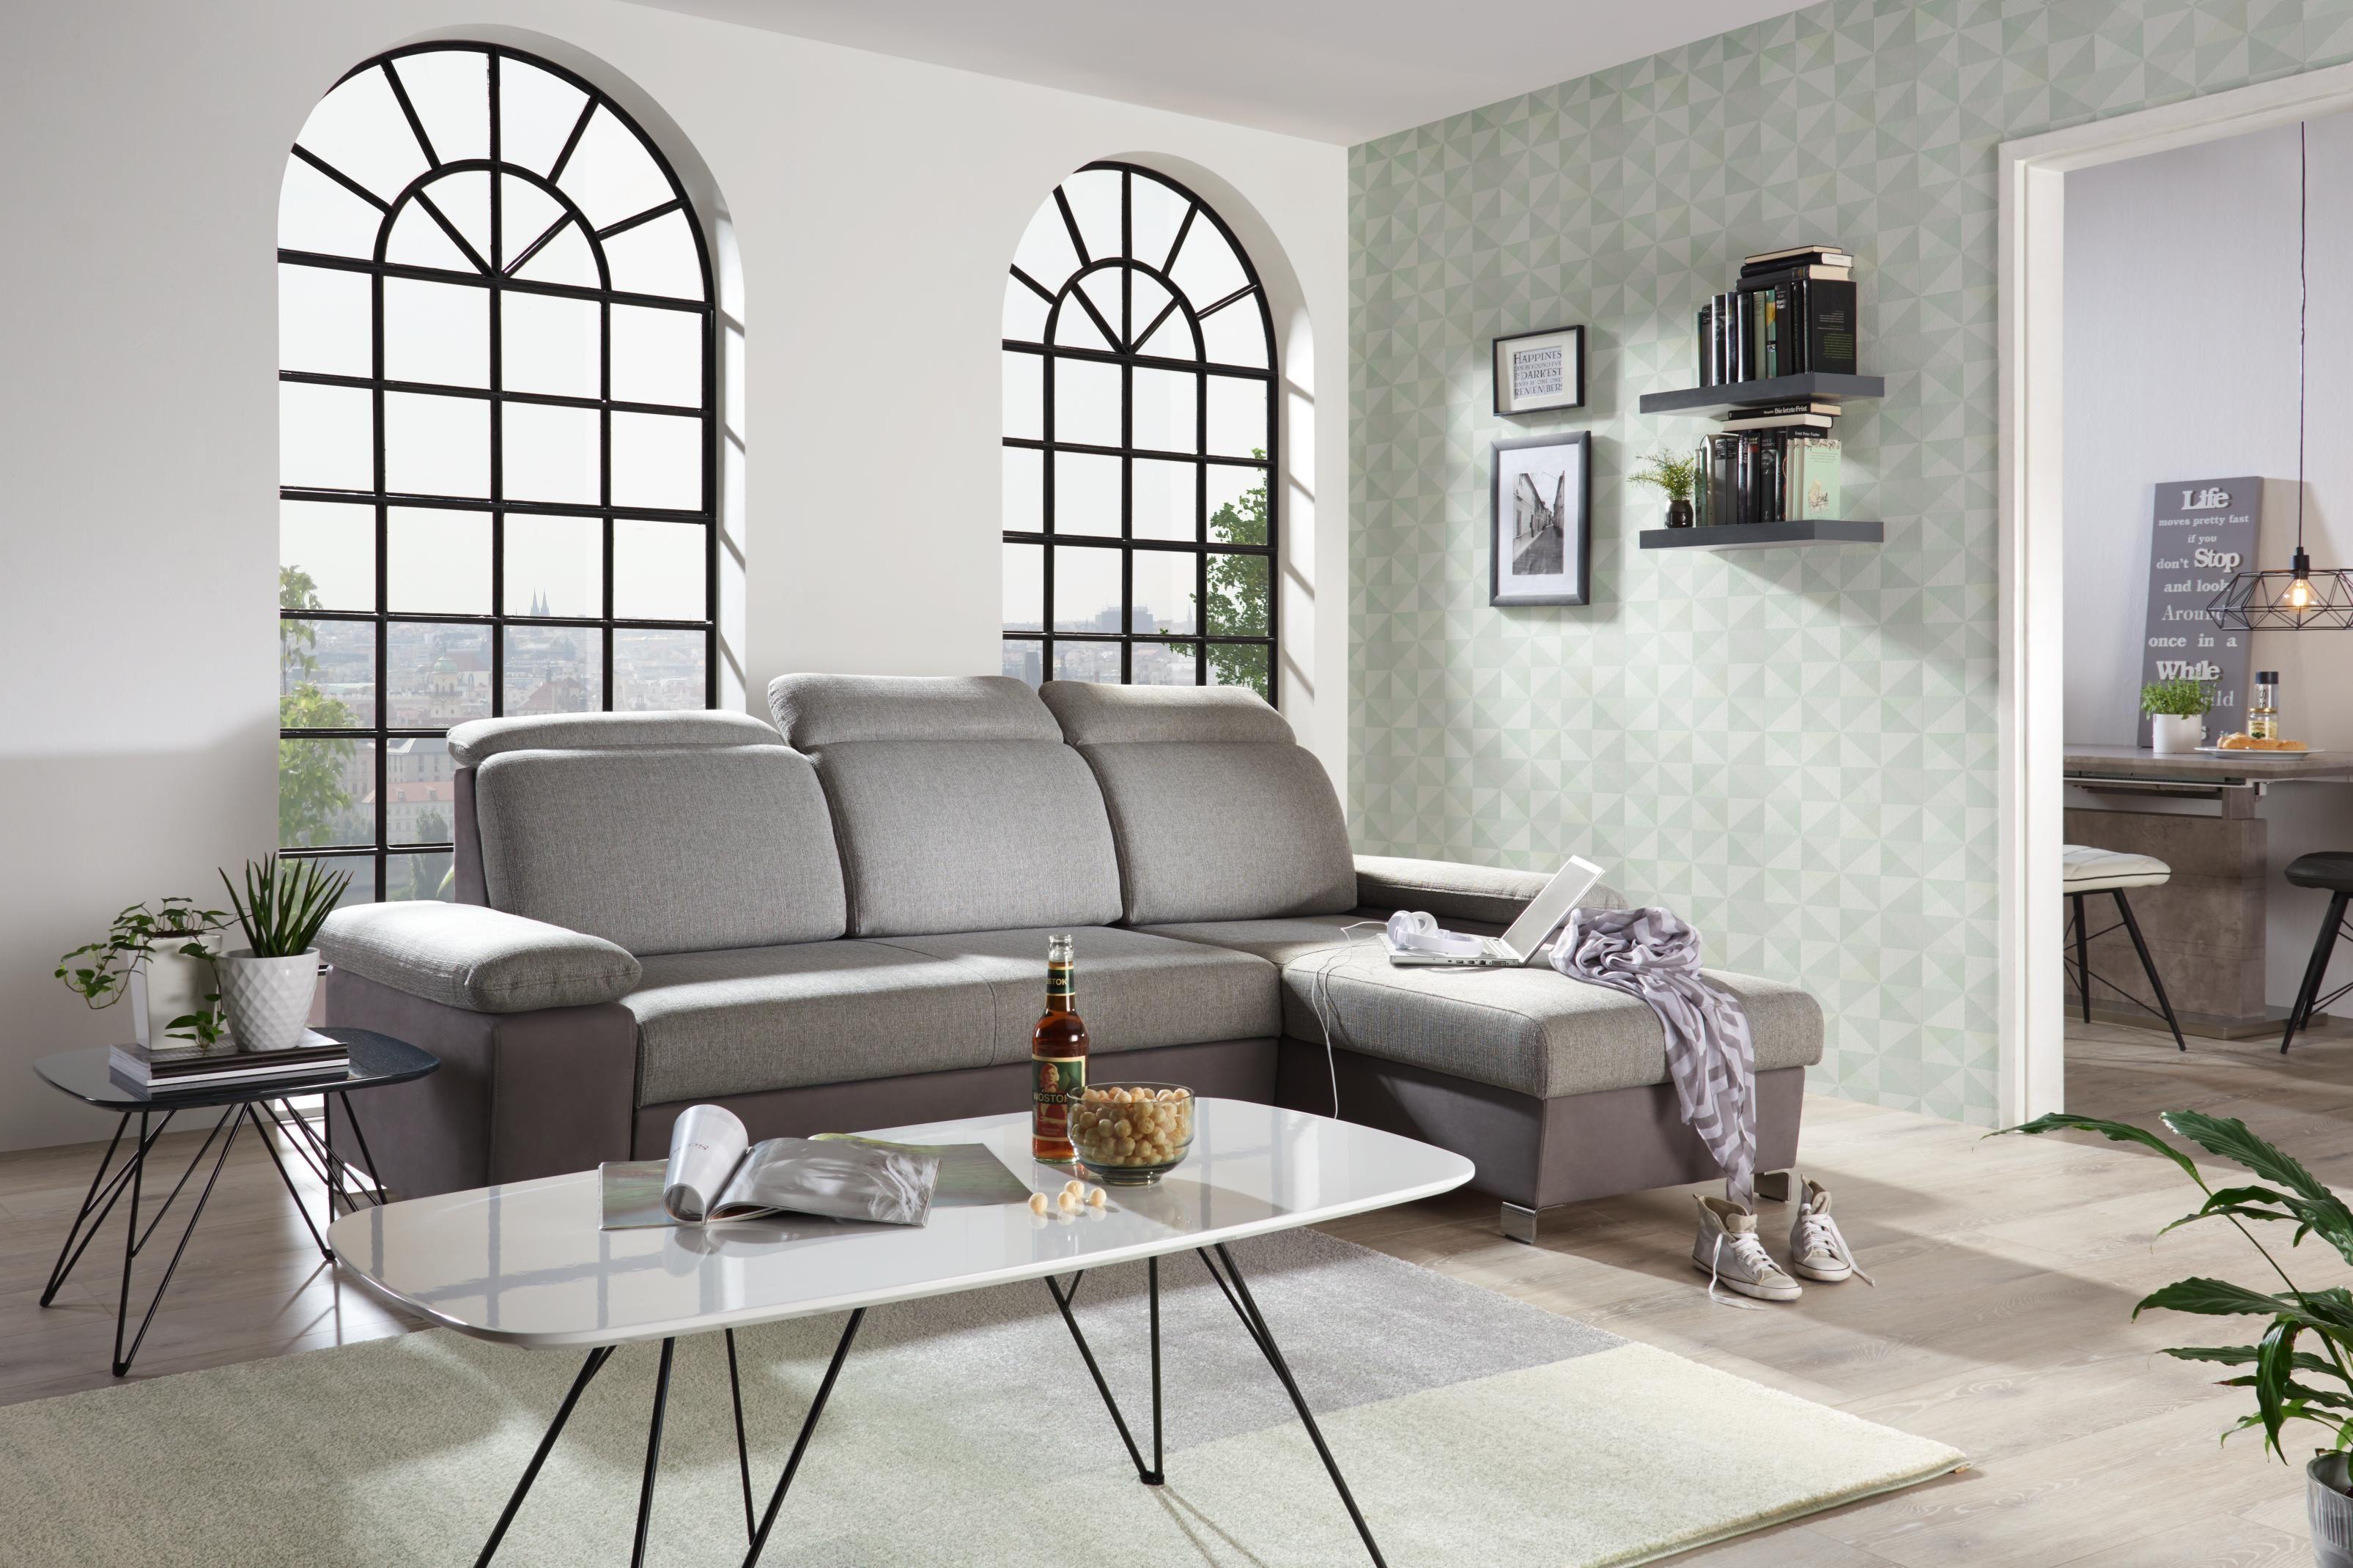 Wohnlandschaft In Grau Silber Textil Von Time Style Couch